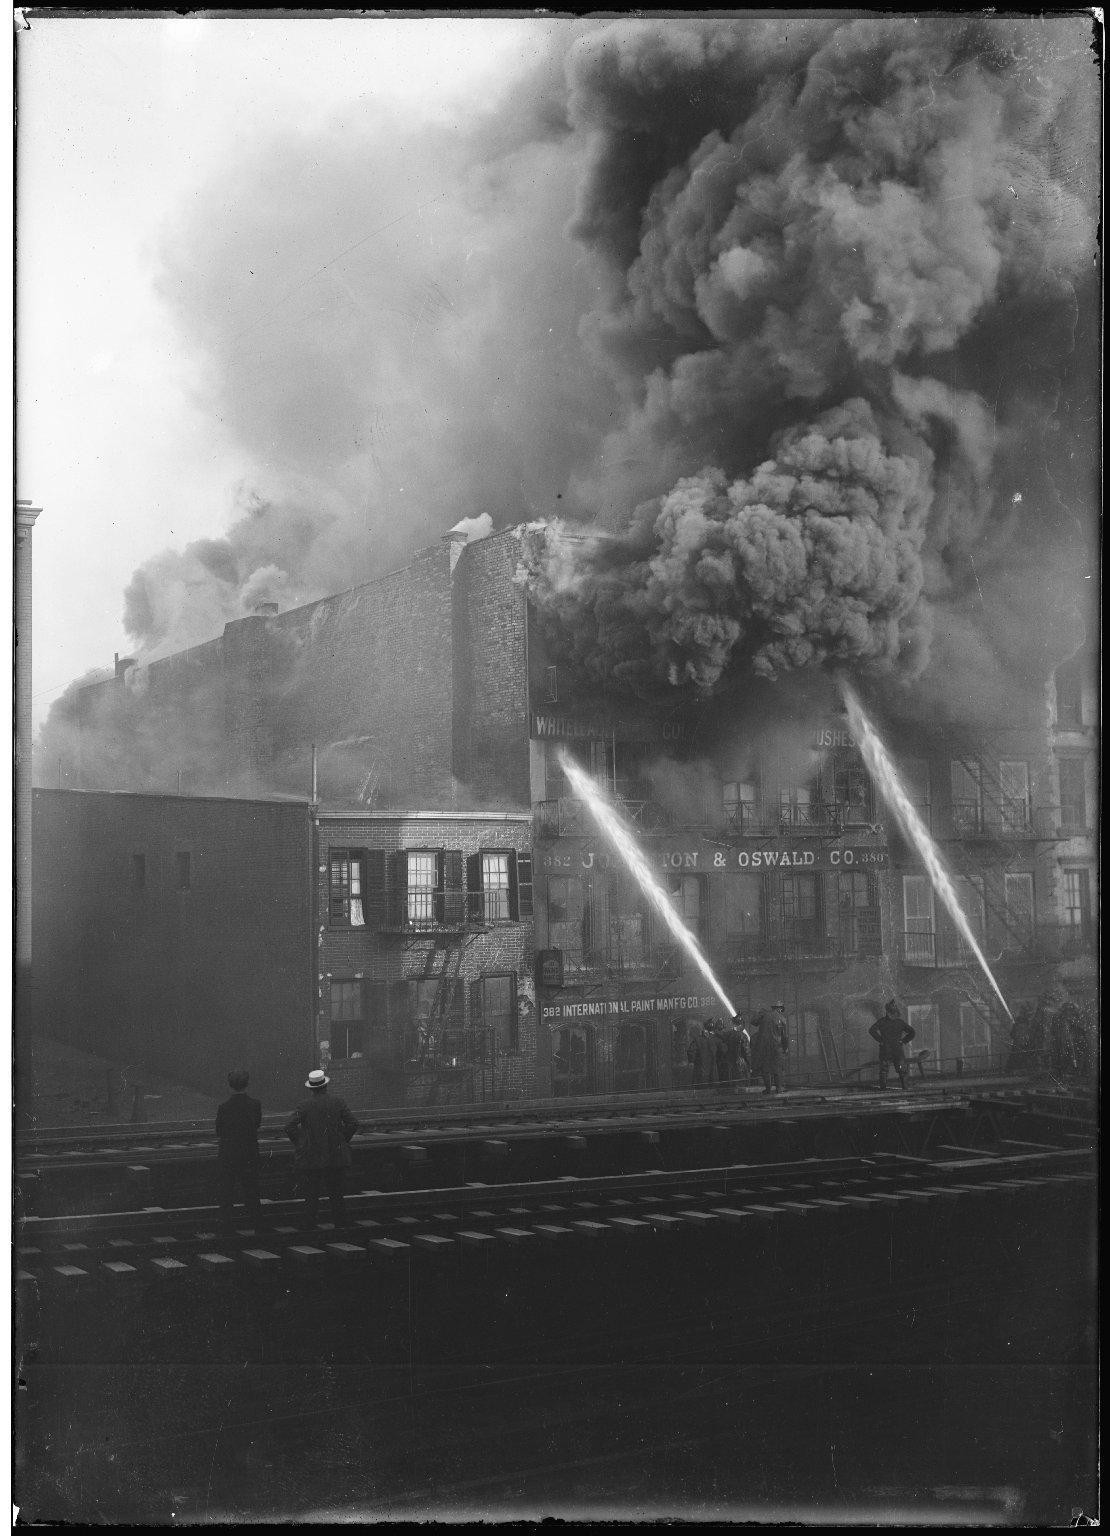 Тушение пожара с помощью лафетных стволов. Нью-Йорк, США. 1930-е